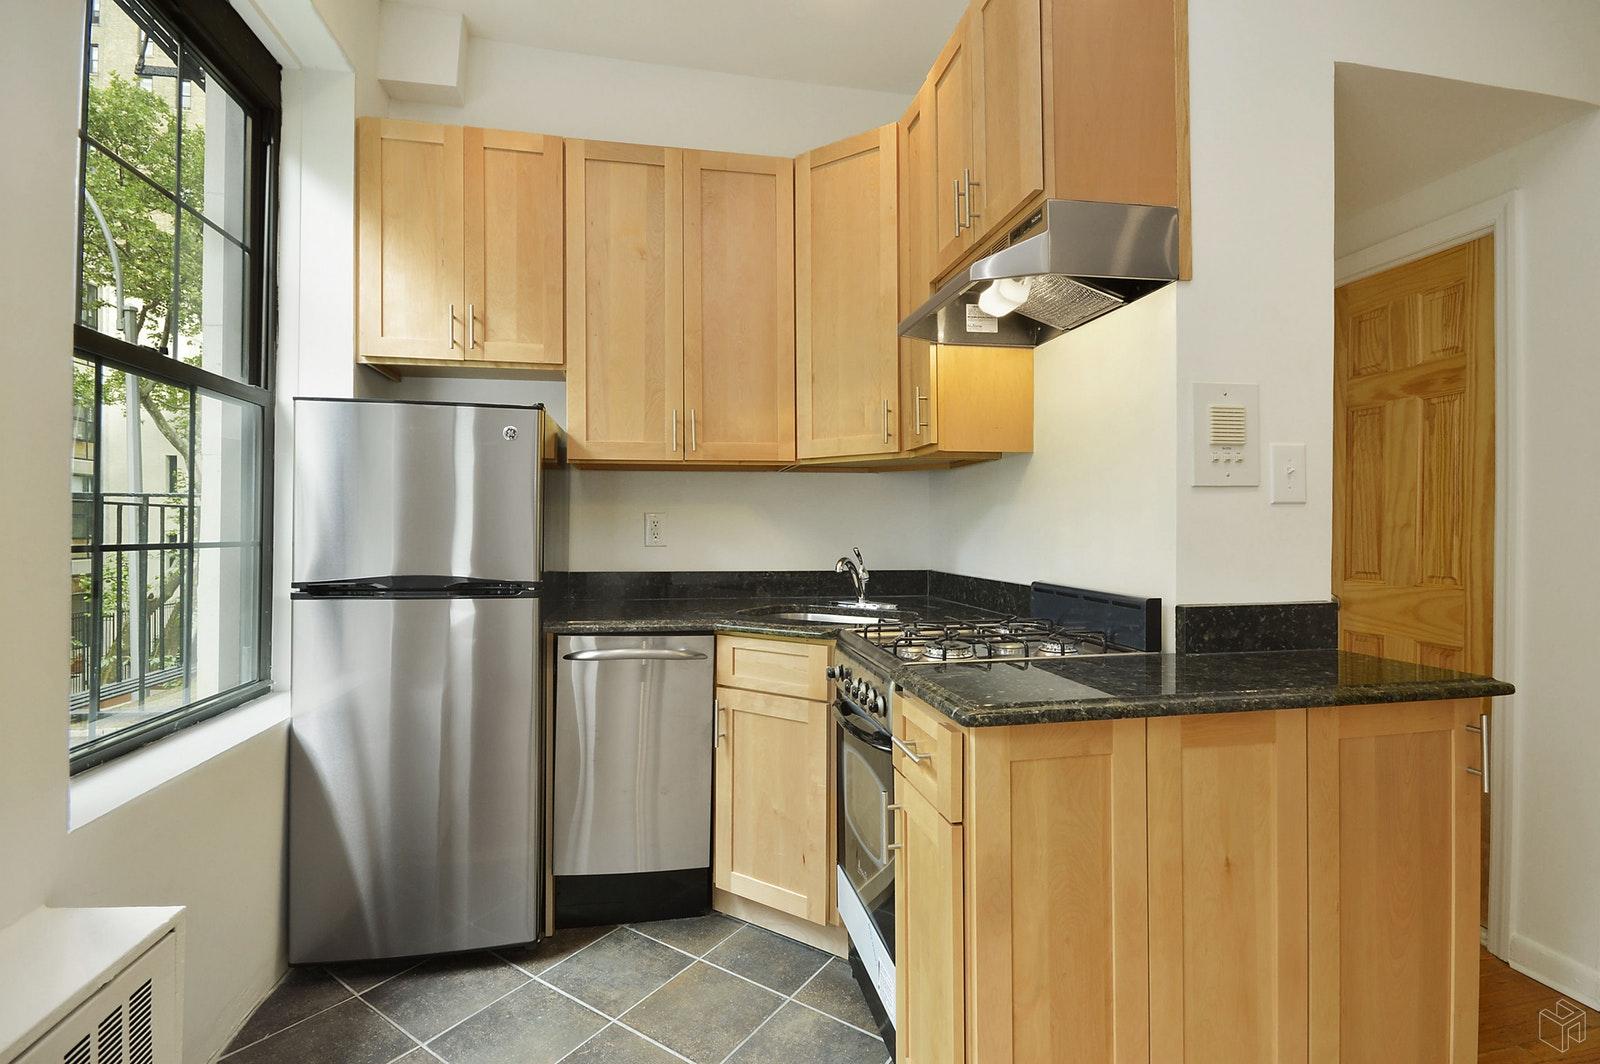 330 WEST 85TH STREET 2E, Upper West Side, $2,700, Web #: 19539766